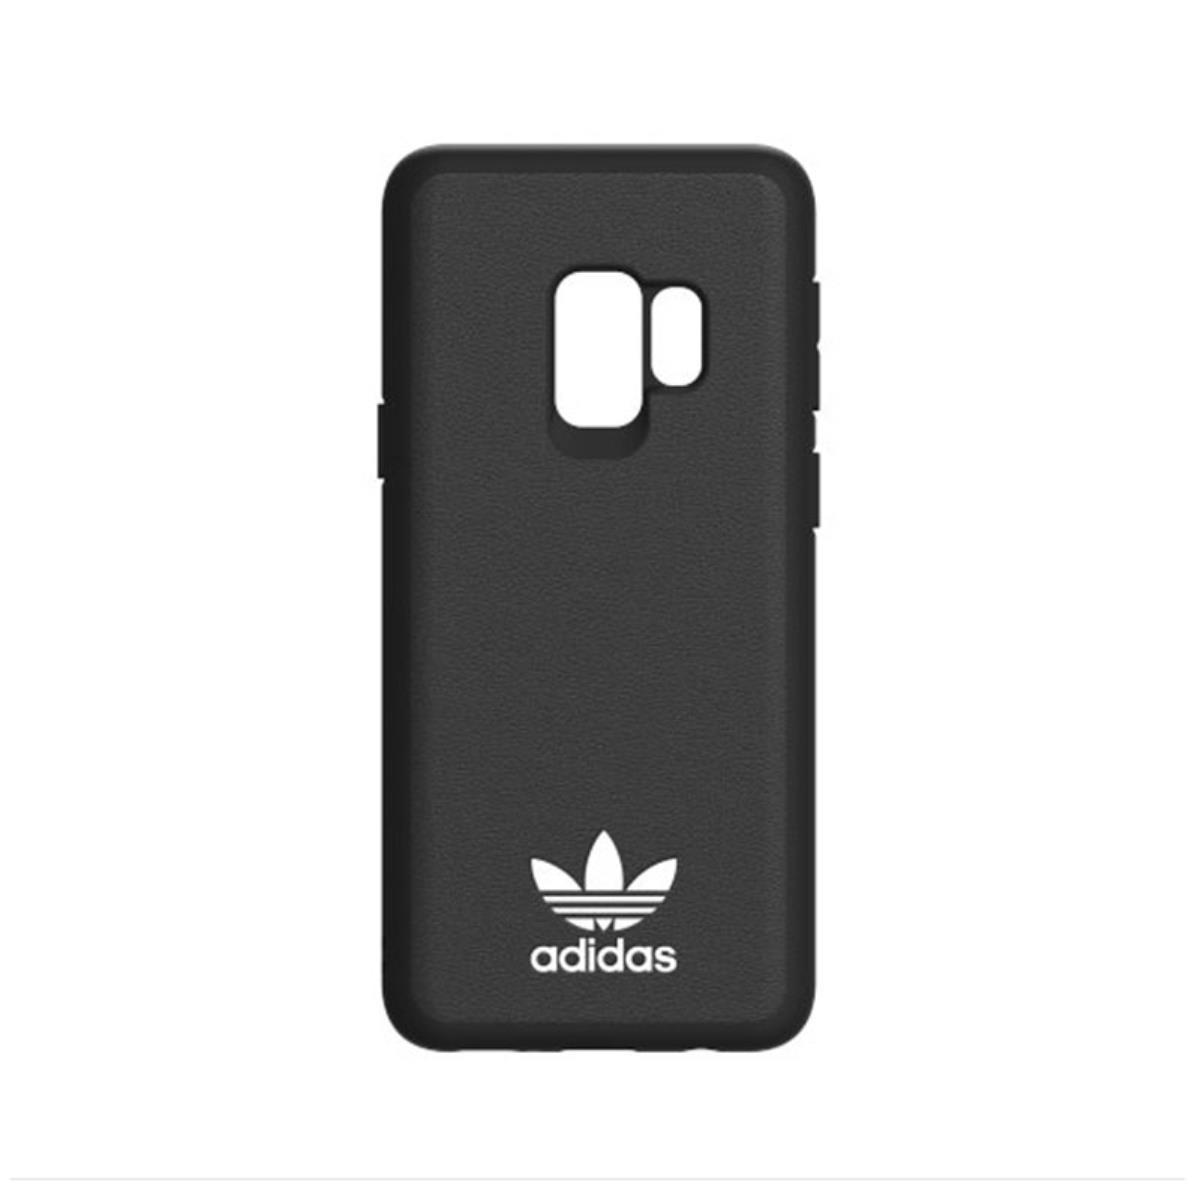 Protección Adidas Basics S9 G960 Funda De Negro Samsung 9H2WEDYI